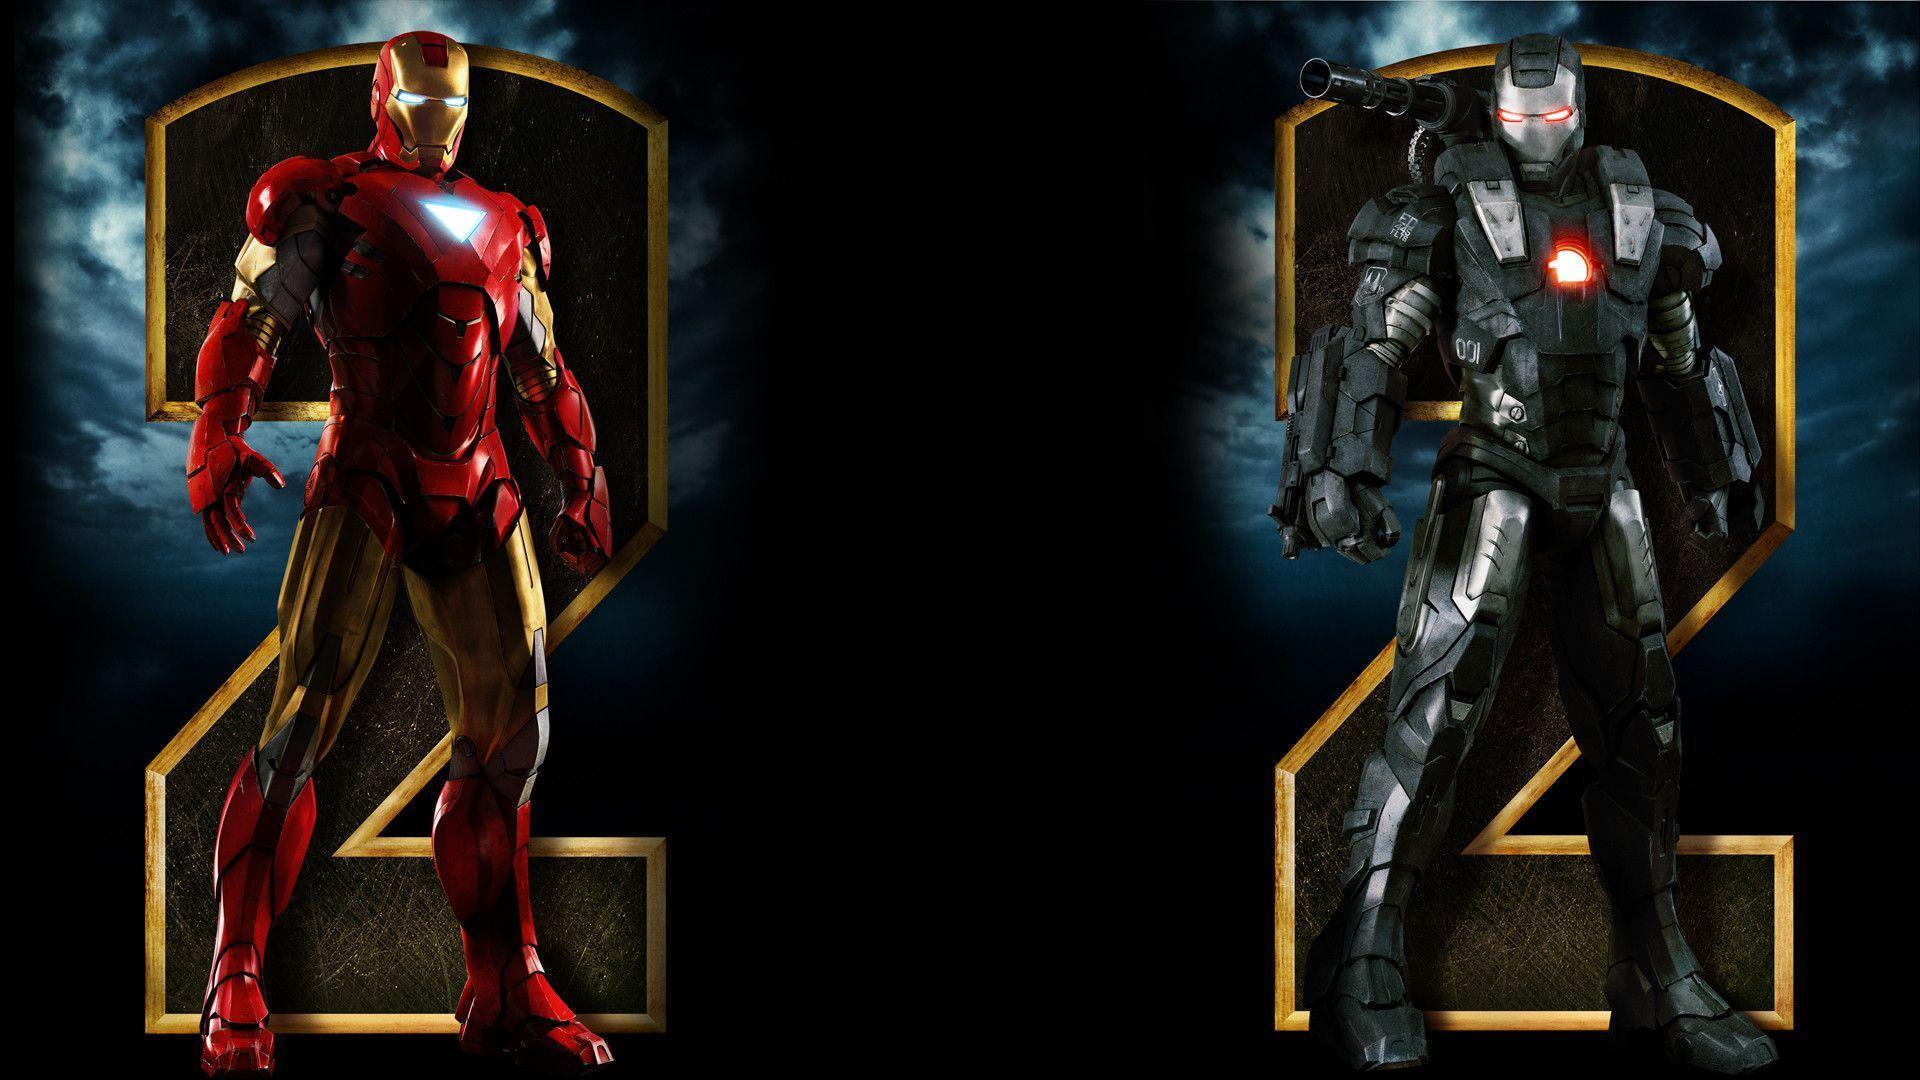 Iron Man Wallpaper Widescreen Pocket press